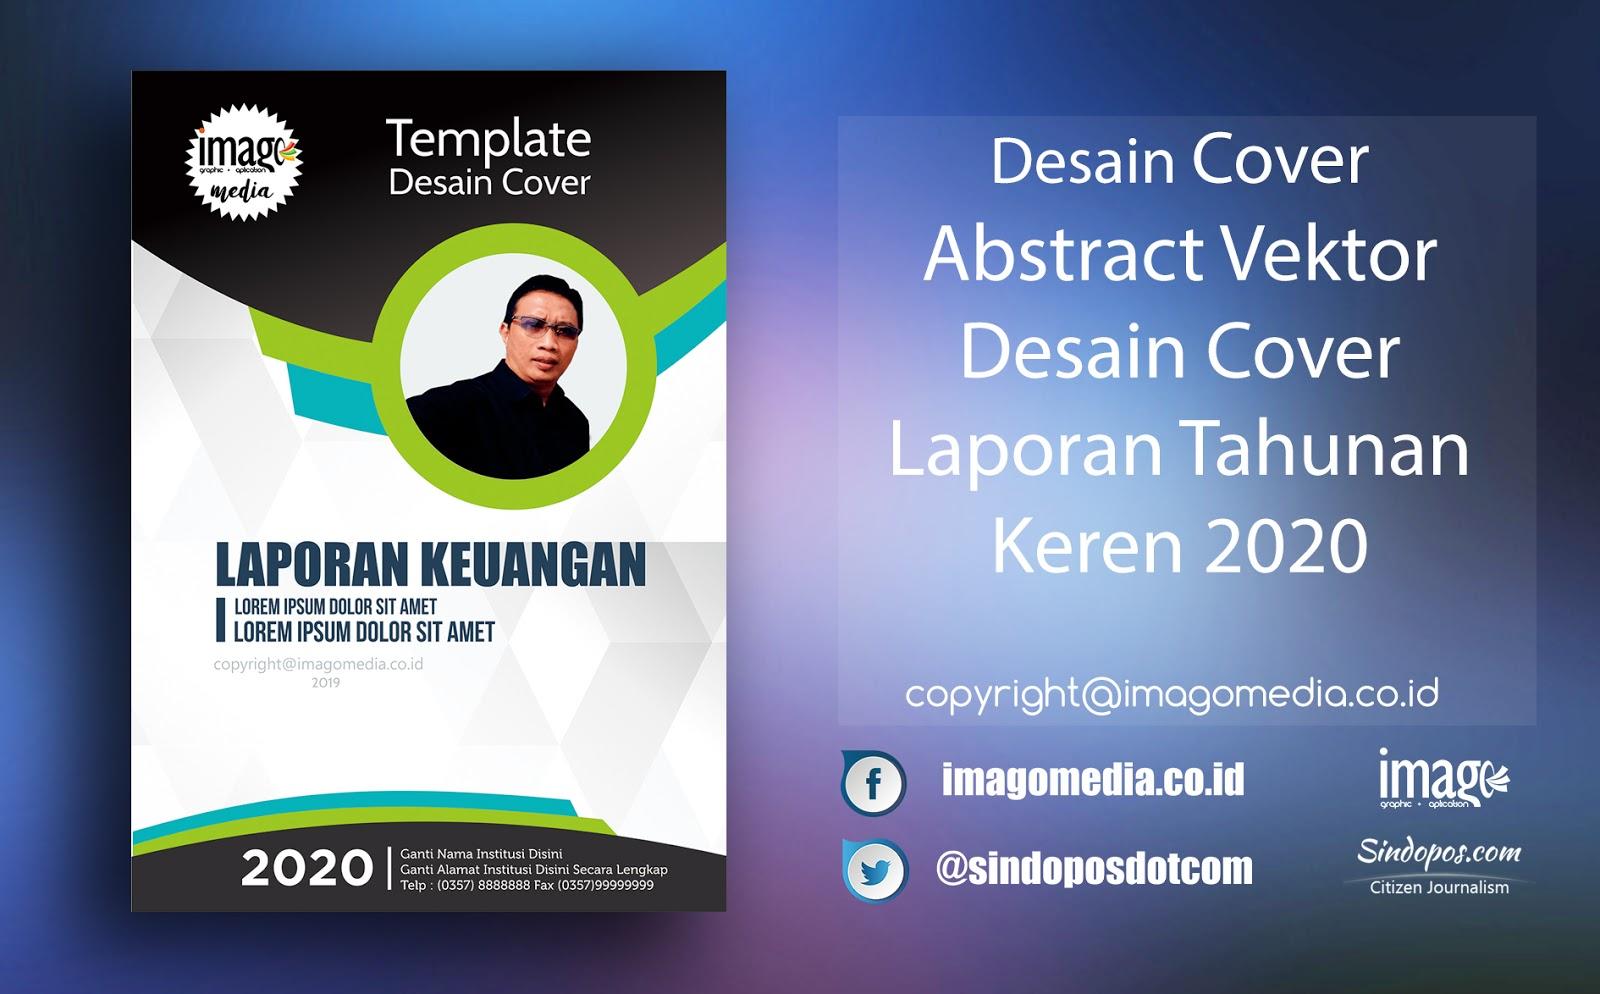 Abstract Vektor Desain Cover Laporan Tahunan Keren 2020 Imago Media Home Of Creativity